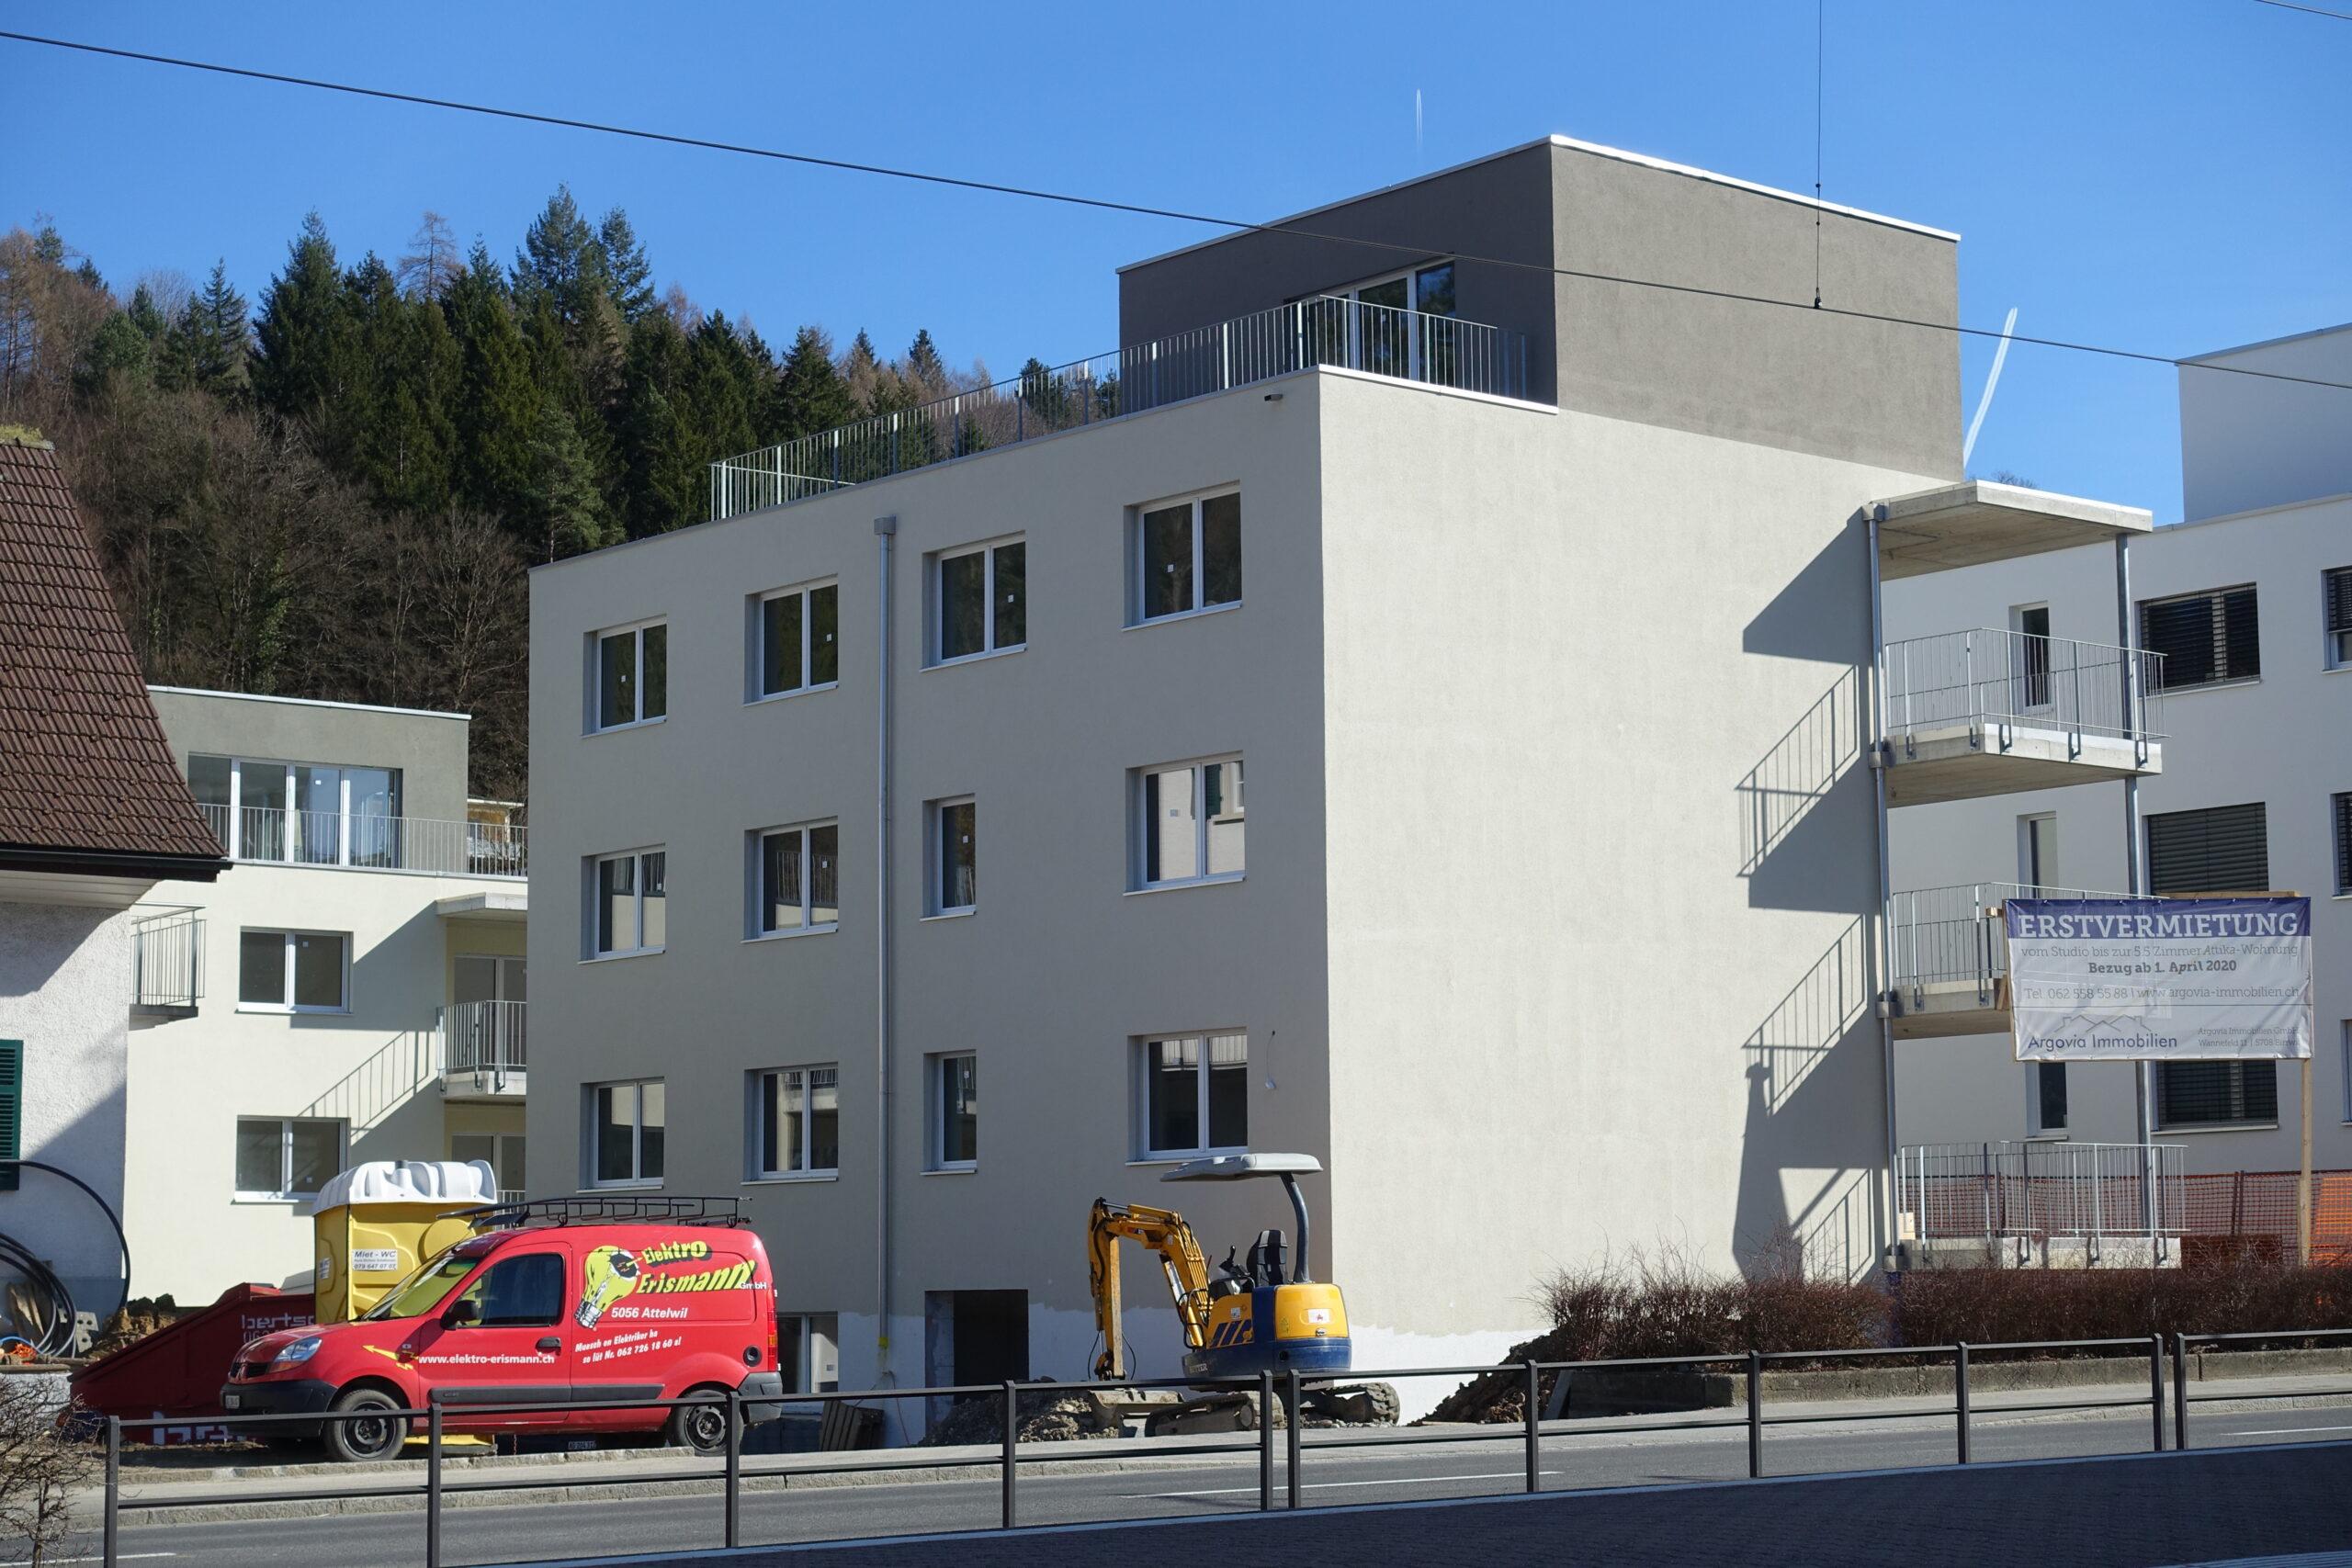 Erstvermietung Unterkulm, attraktive 4.5 Zimmer Wohnung